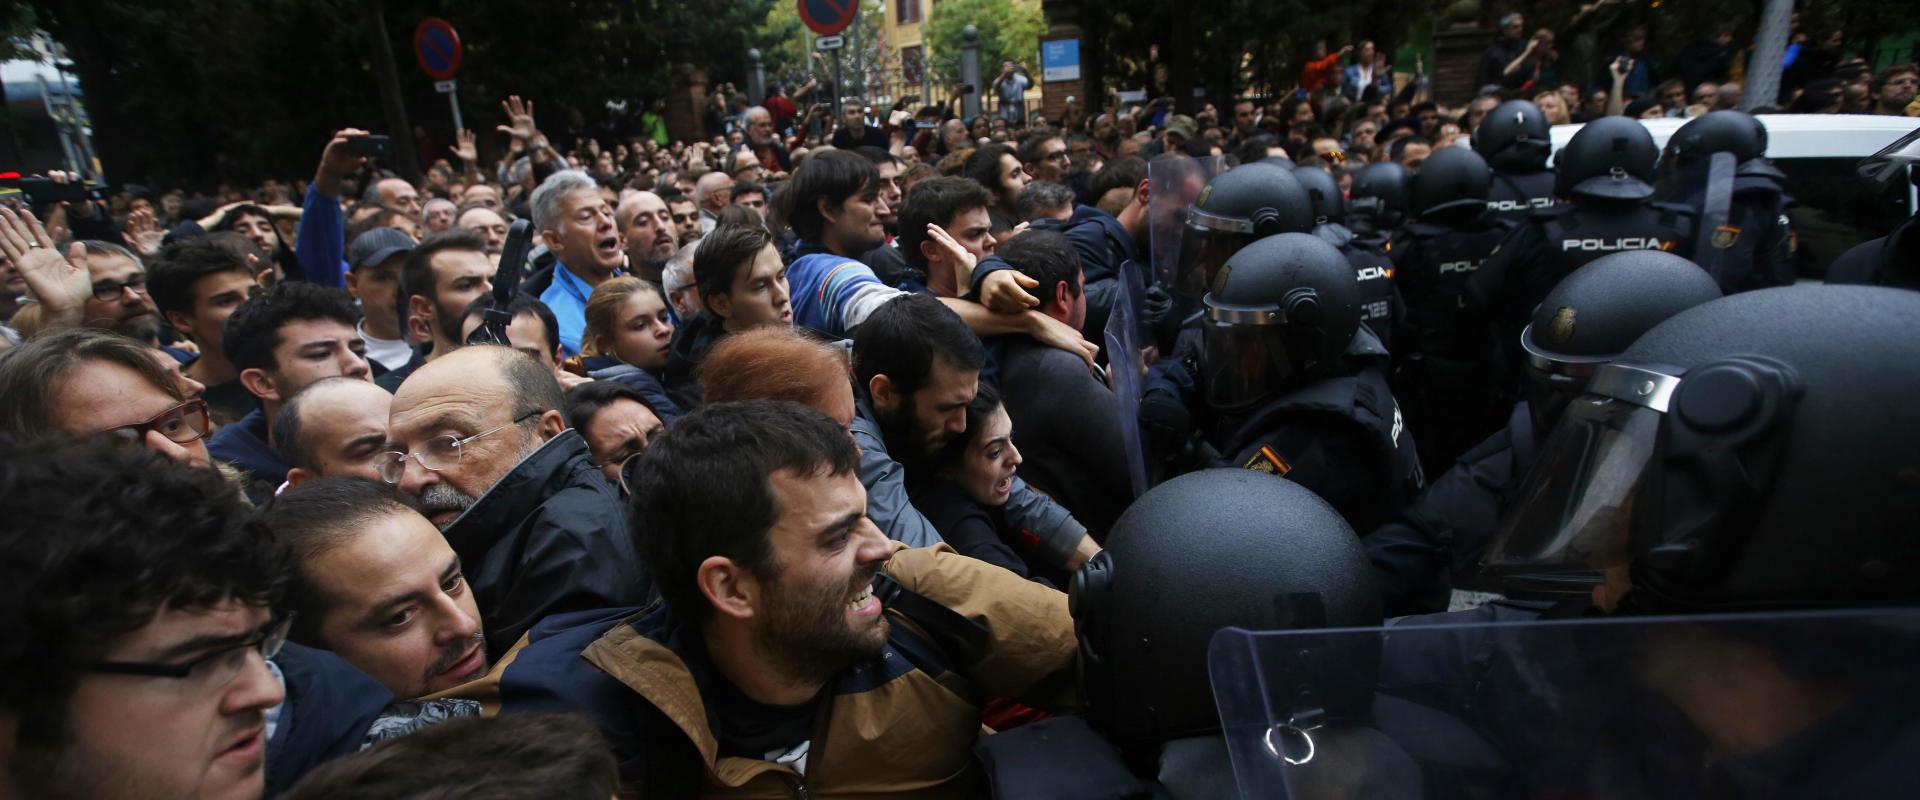 שוטרים מתעמתים עם תושבים בברצלונה, הבוקר